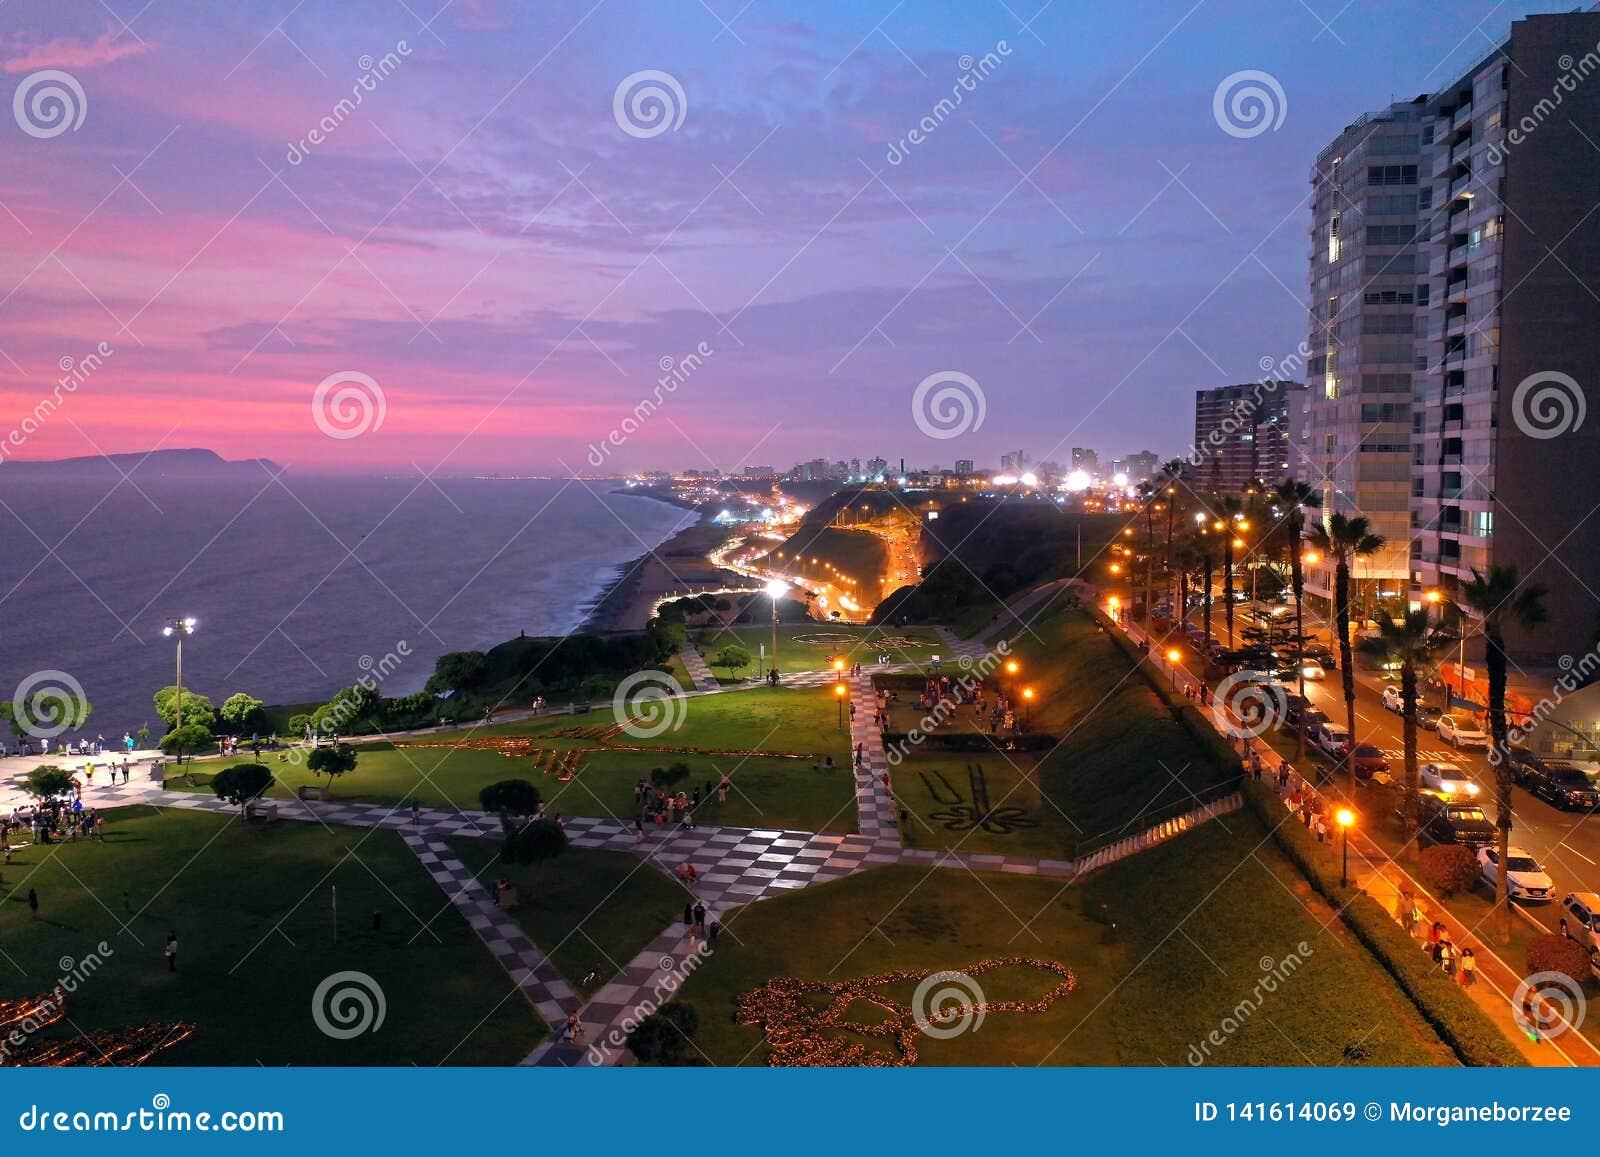 Εναέρια άποψη του πάρκου της Μαρίας Reiche στο ηλιοβασίλεμα με φυσικό seascape